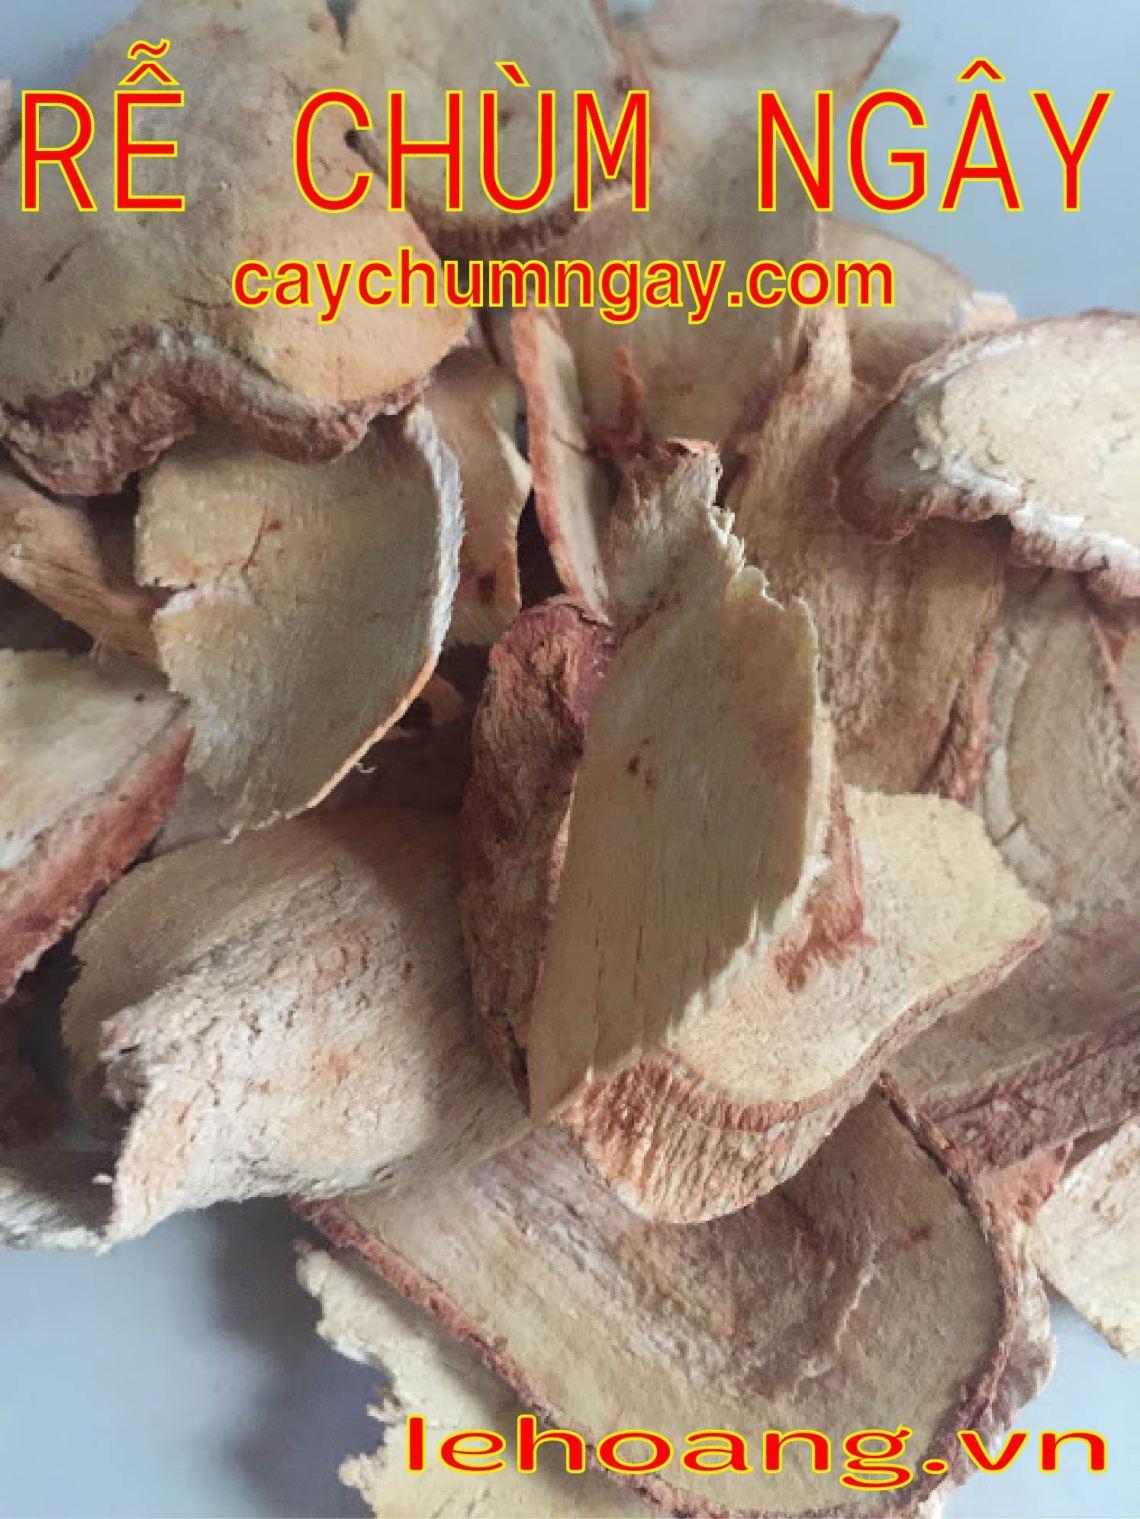 Bán Rễ Cây Chùm ngây (Moringa Roots) phòng trị Ung thư hiệu quả